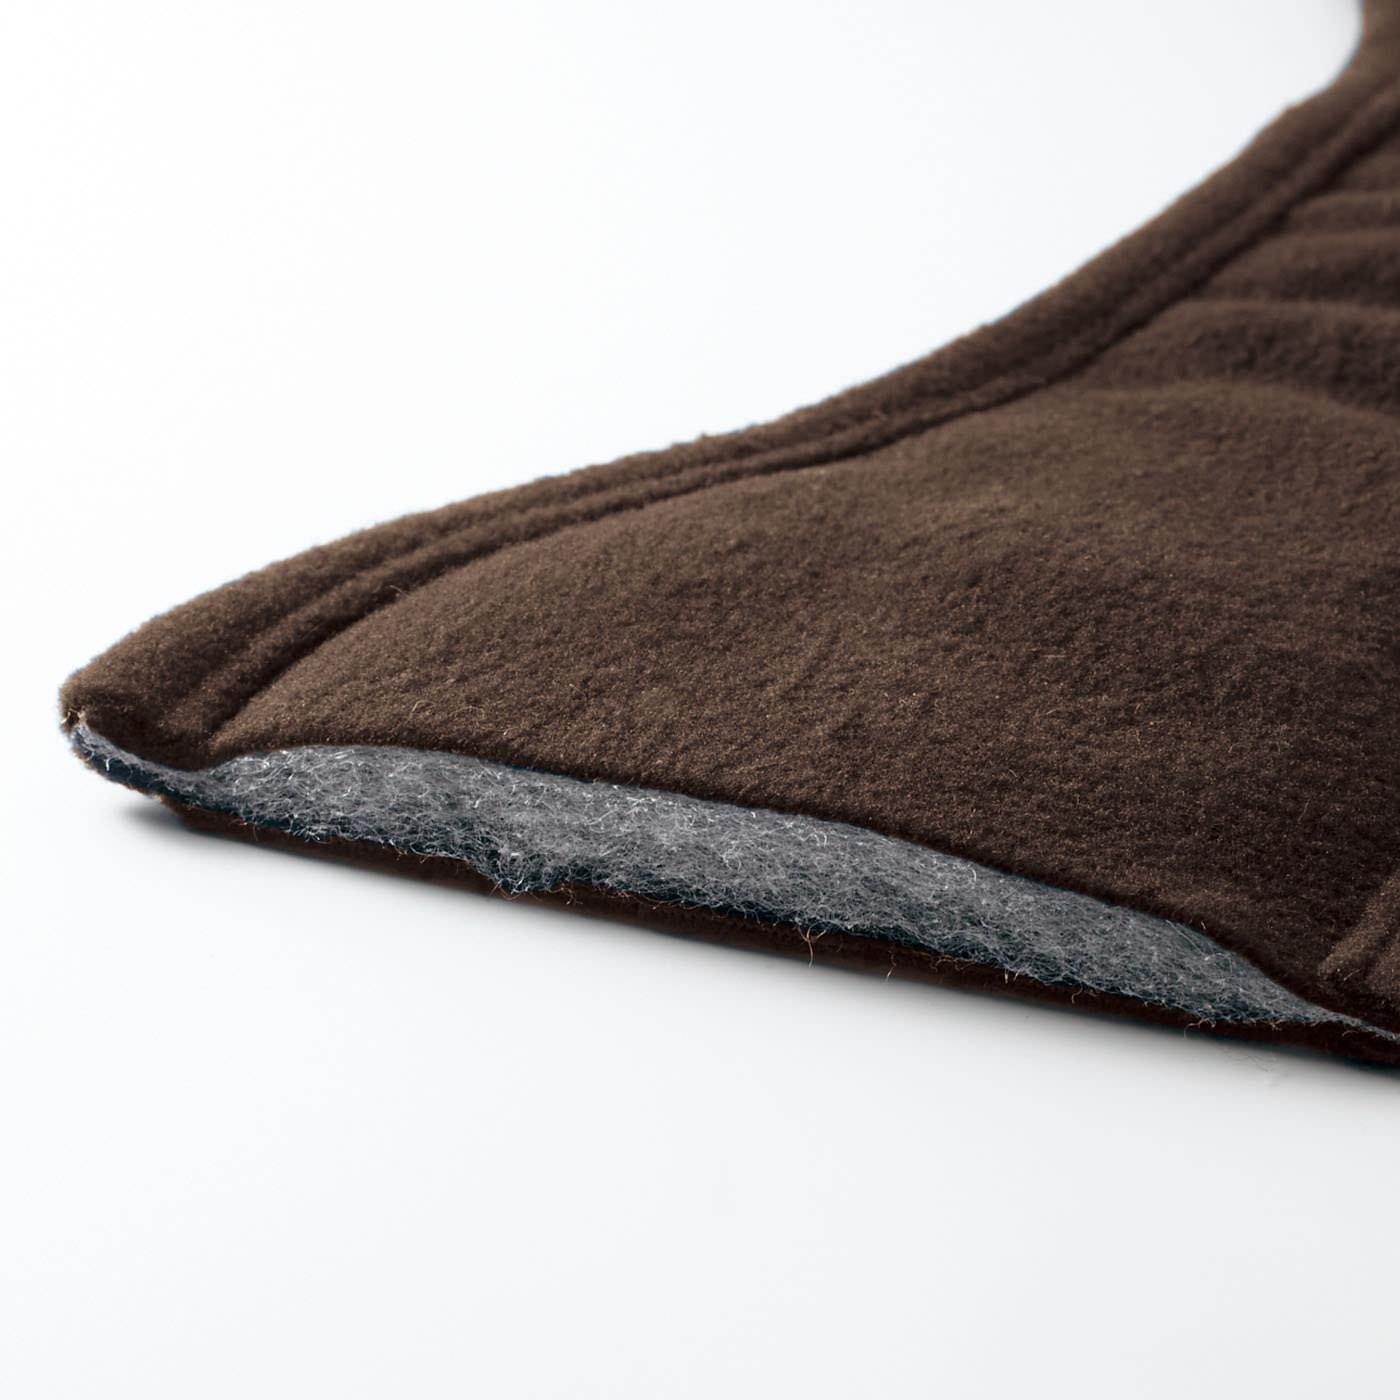 肌当たりのよいフリース素材の耳当てはわた入りで暖か。